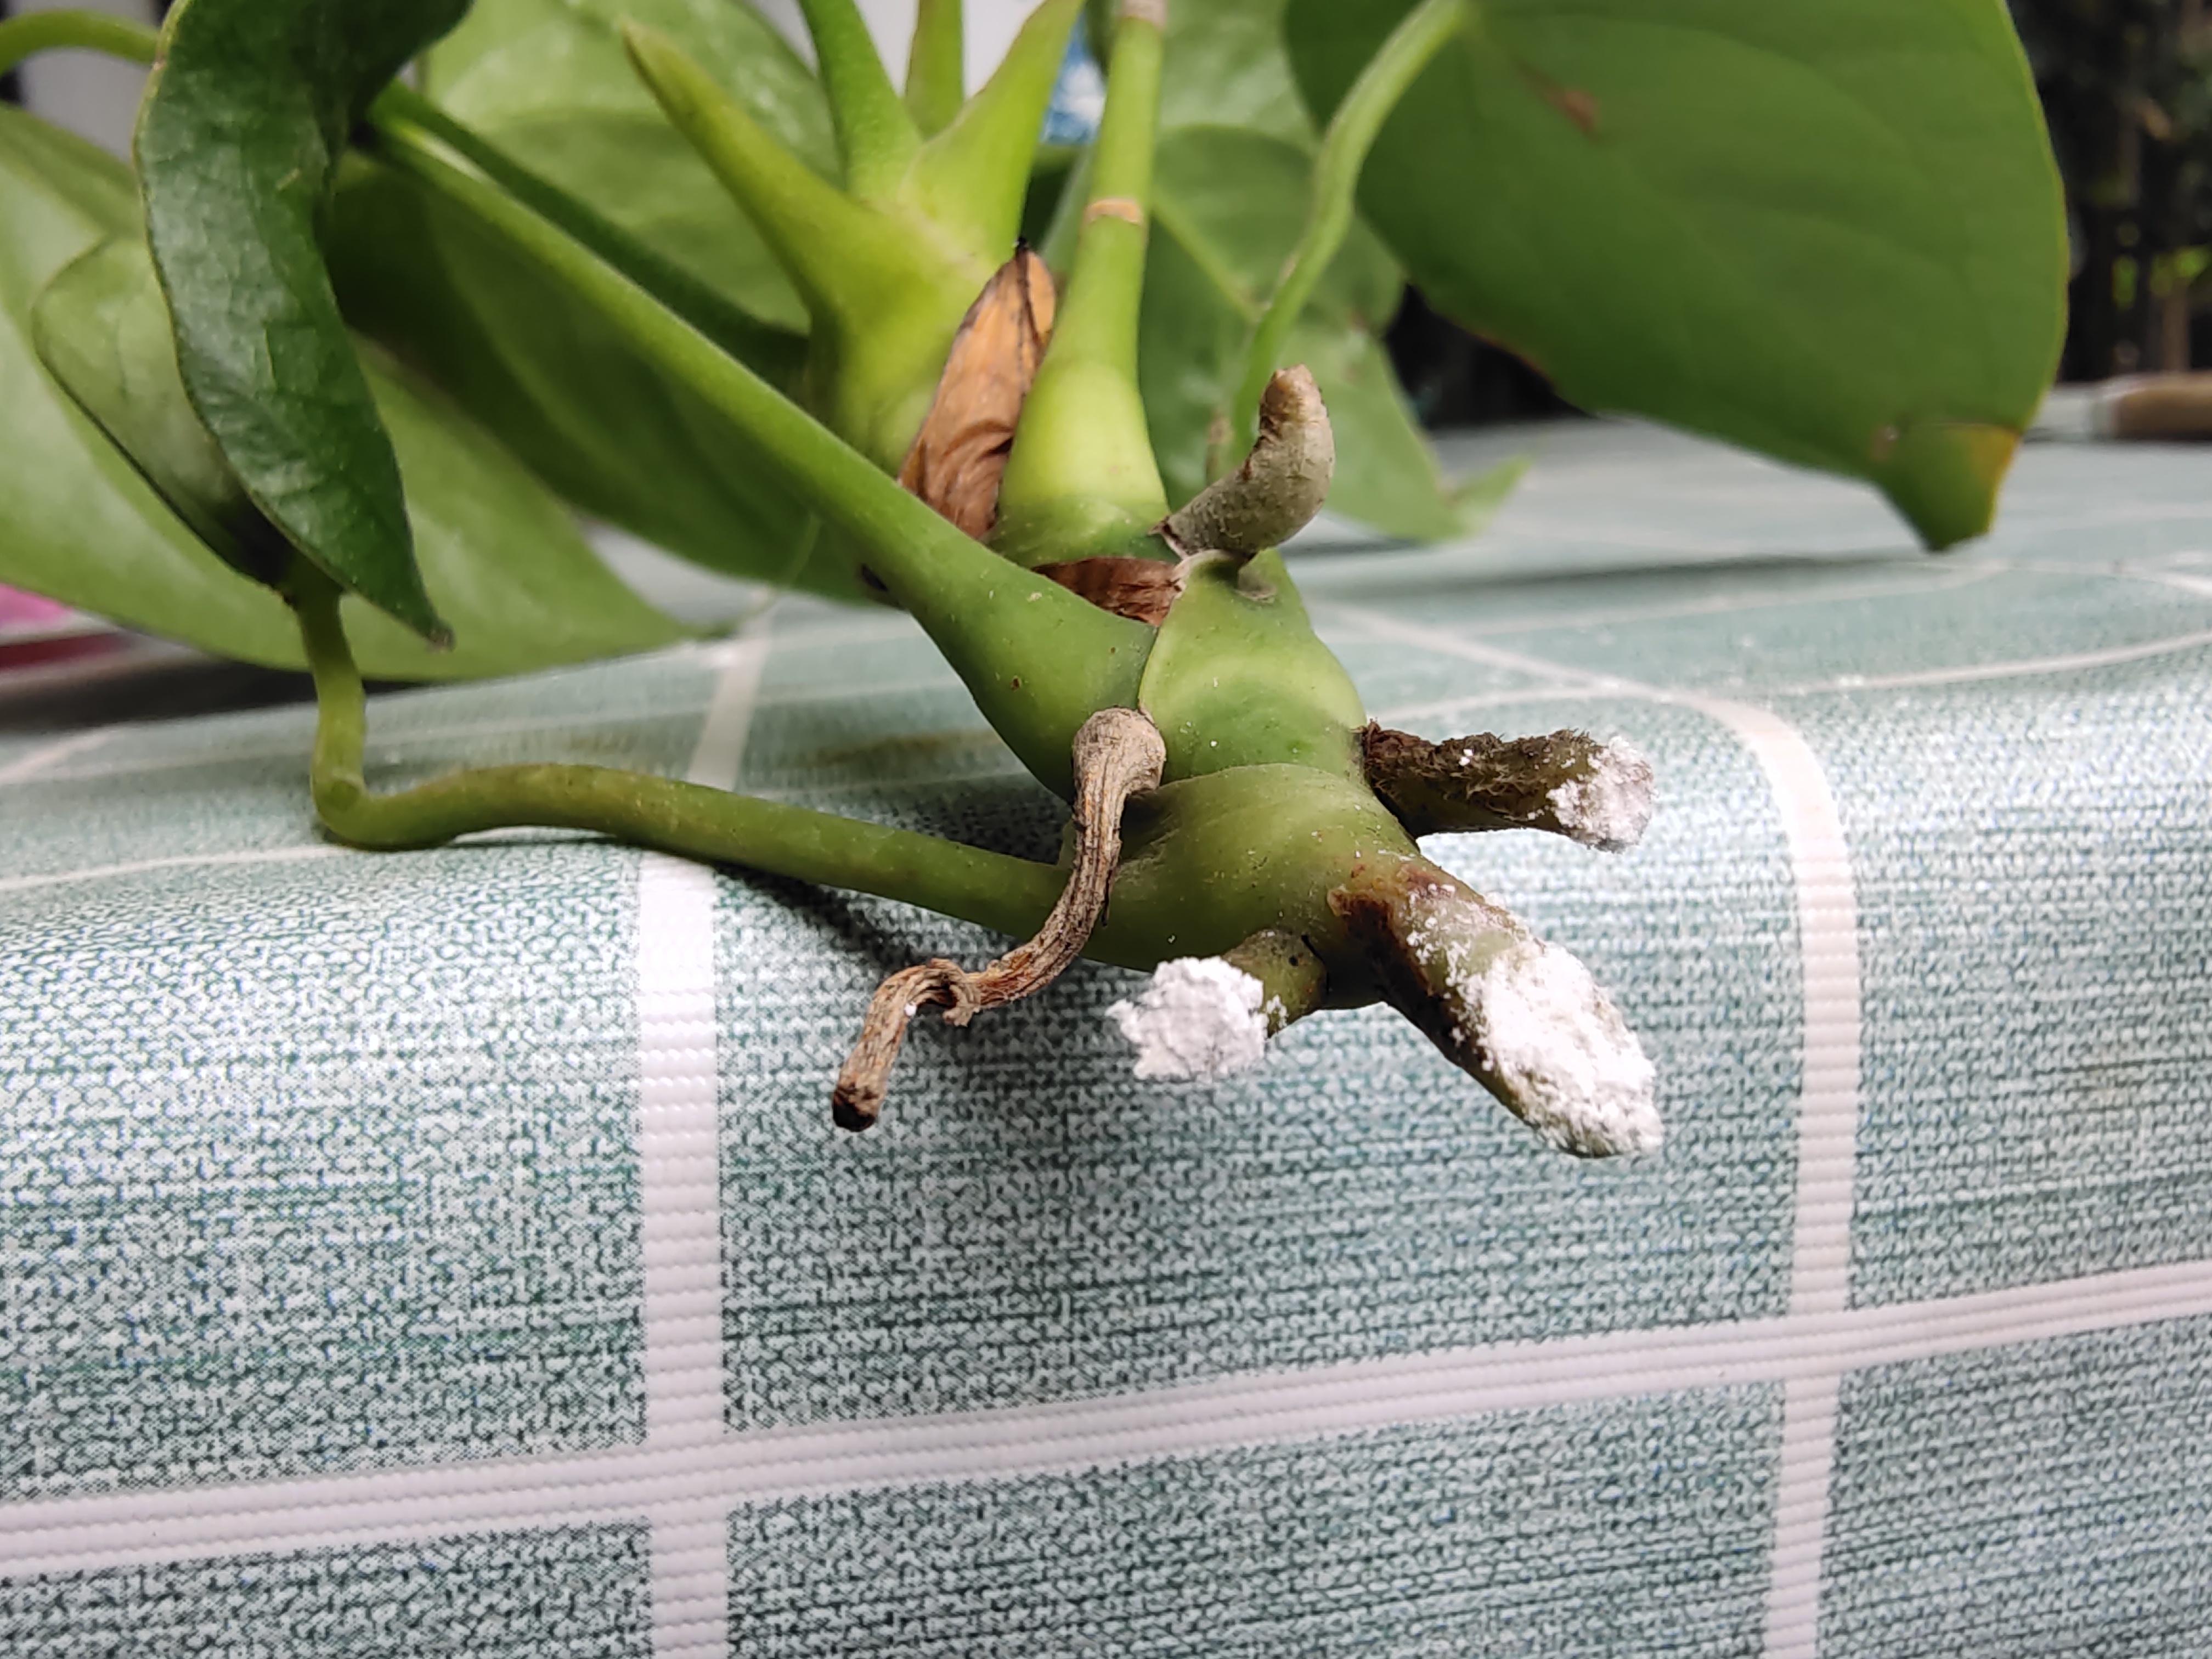 圖解紅掌分株繁殖過程,現在分出小苗,養護得當秋天就能開花